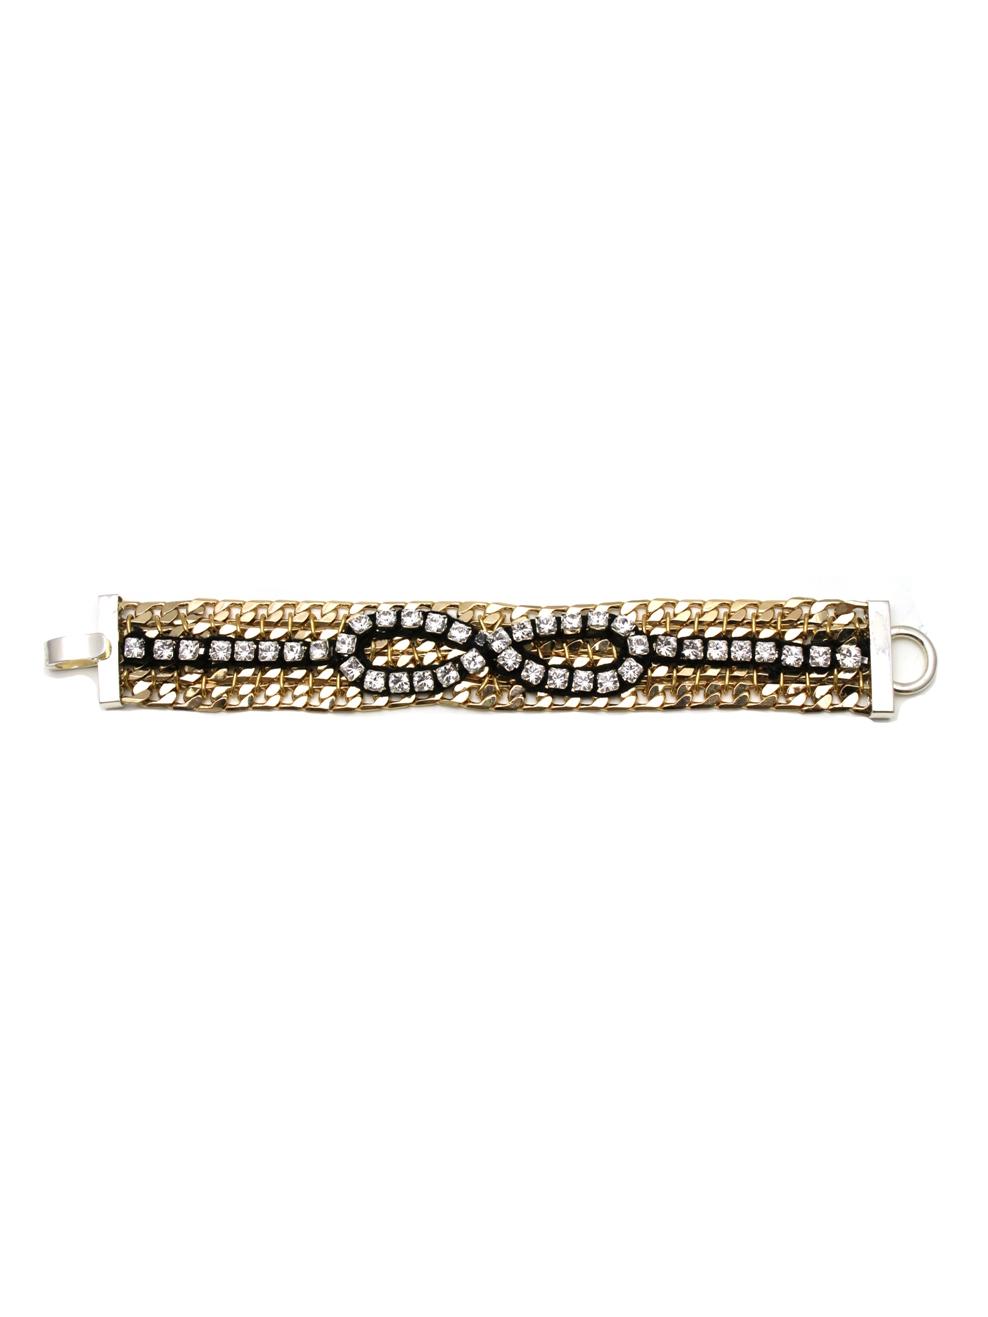 066 - Black Mask Bracelet.jpg